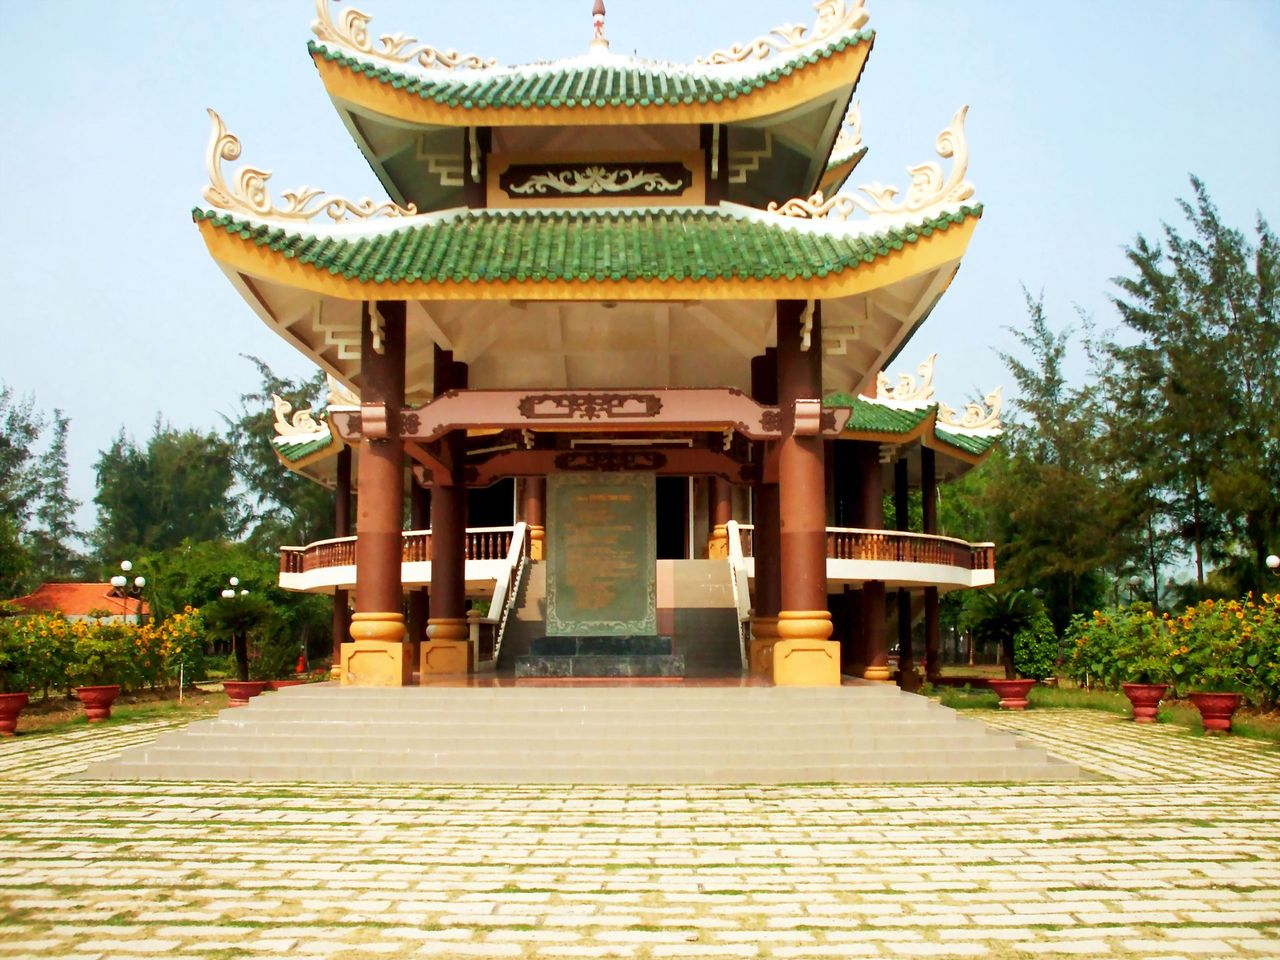 Đền thờ nhà thơ Nguyễn Đình Chiểu tọa lạc trong khuôn viên có diện tích hơn 1,5ha, được trùng tu vào năm 2000, gồm cả khu lăng mộ cũ được xây dựng vào năm 1972